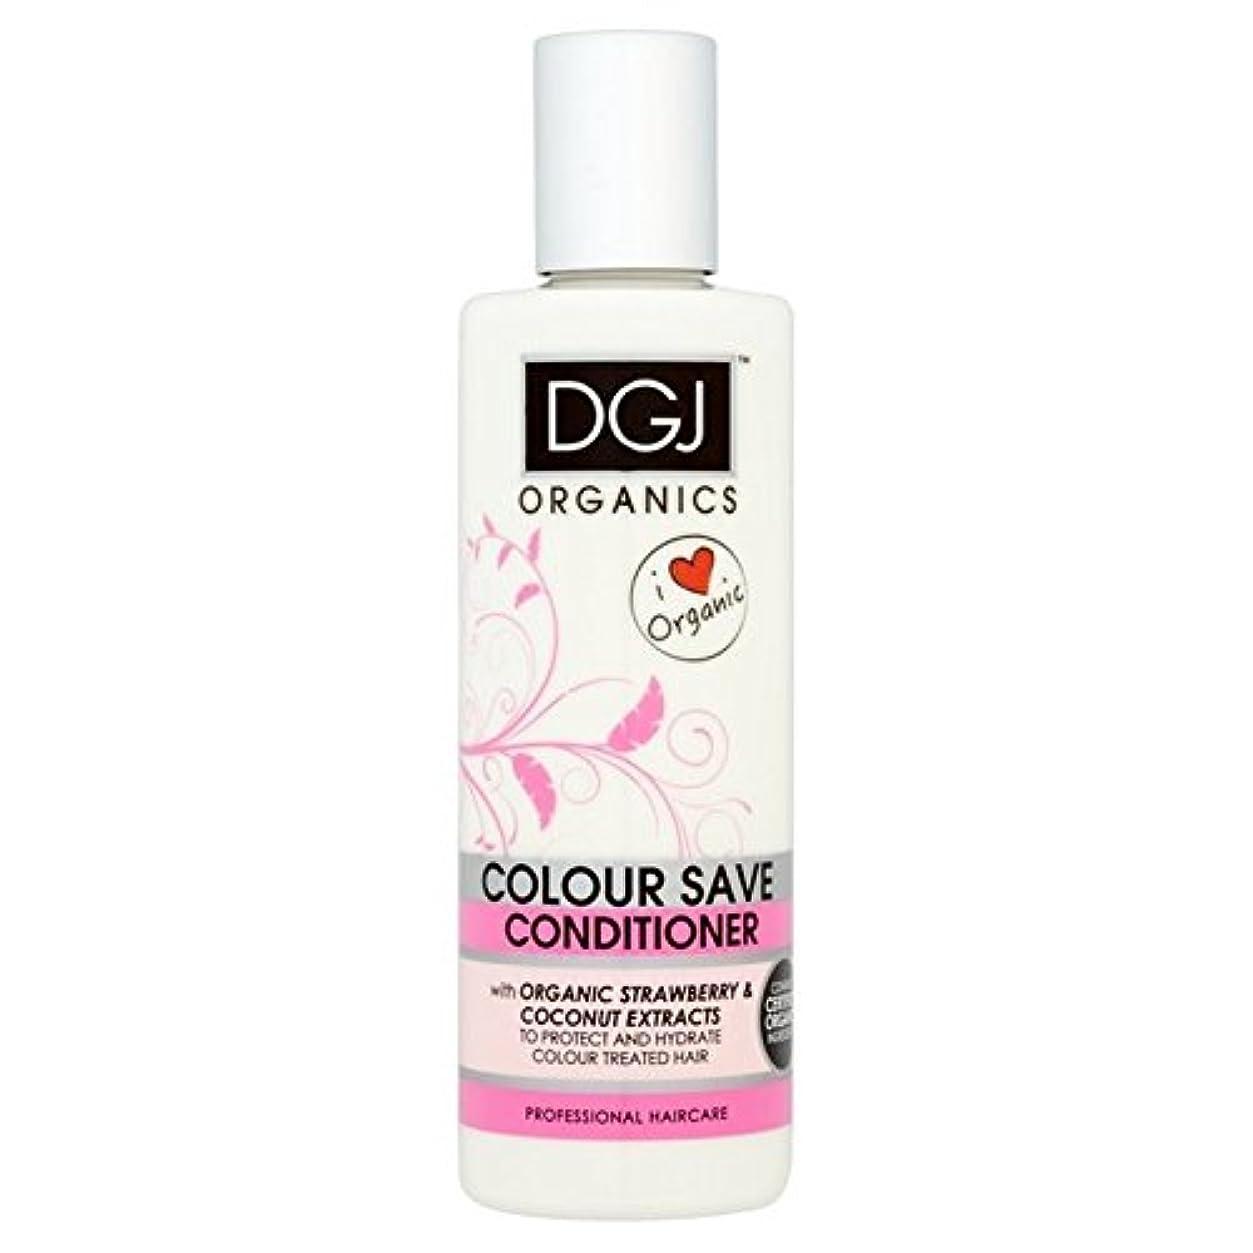 承認財産背骨有機物の色コンディショナー250を保存 x2 - DGJ Organics Colour Save Conditioner 250ml (Pack of 2) [並行輸入品]